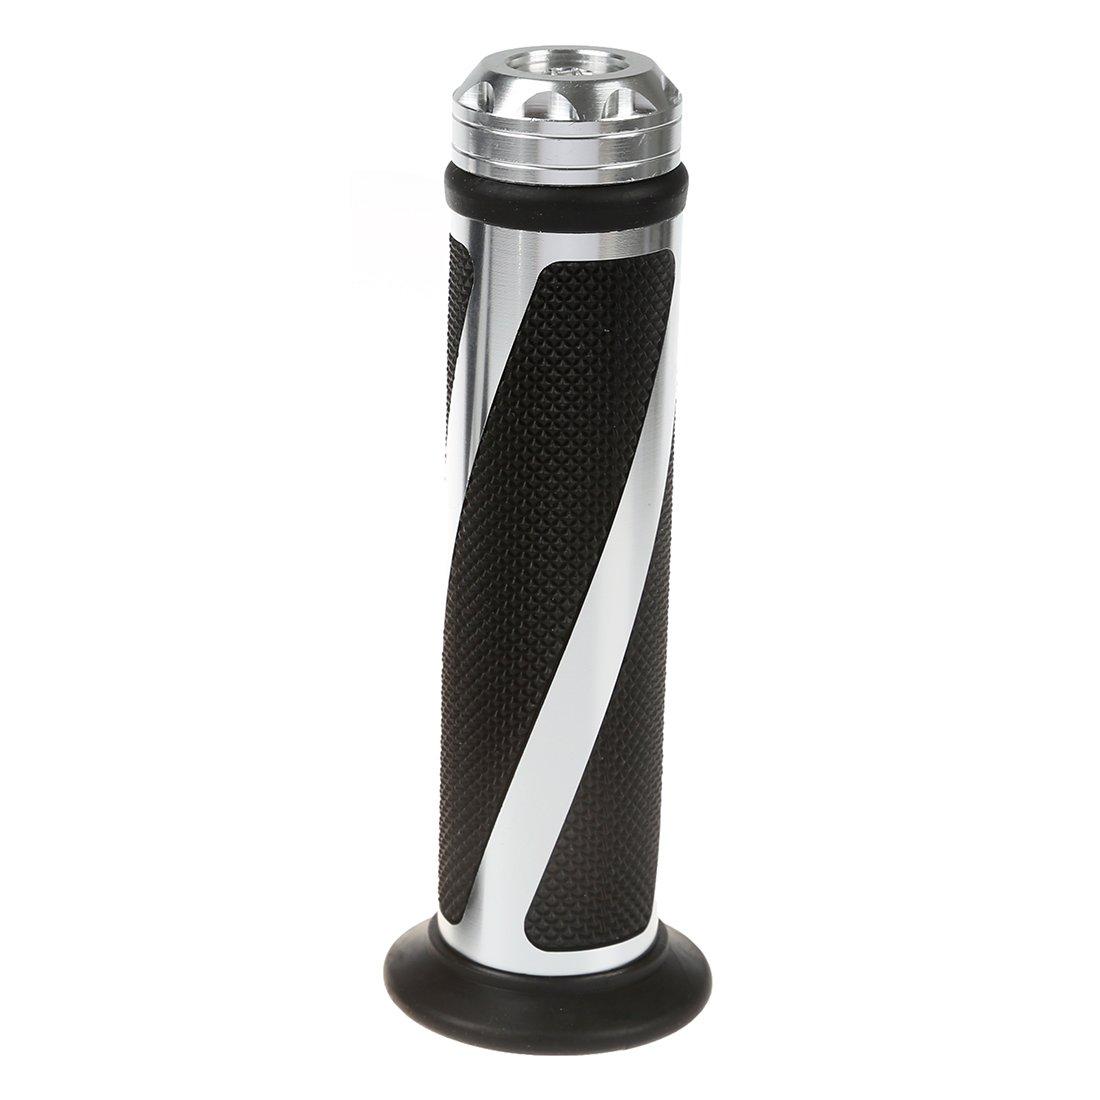 SODIAL(R) Paio Manopola in Alluminio Gomma 7/8' per Manubrio Moto Universale 054580